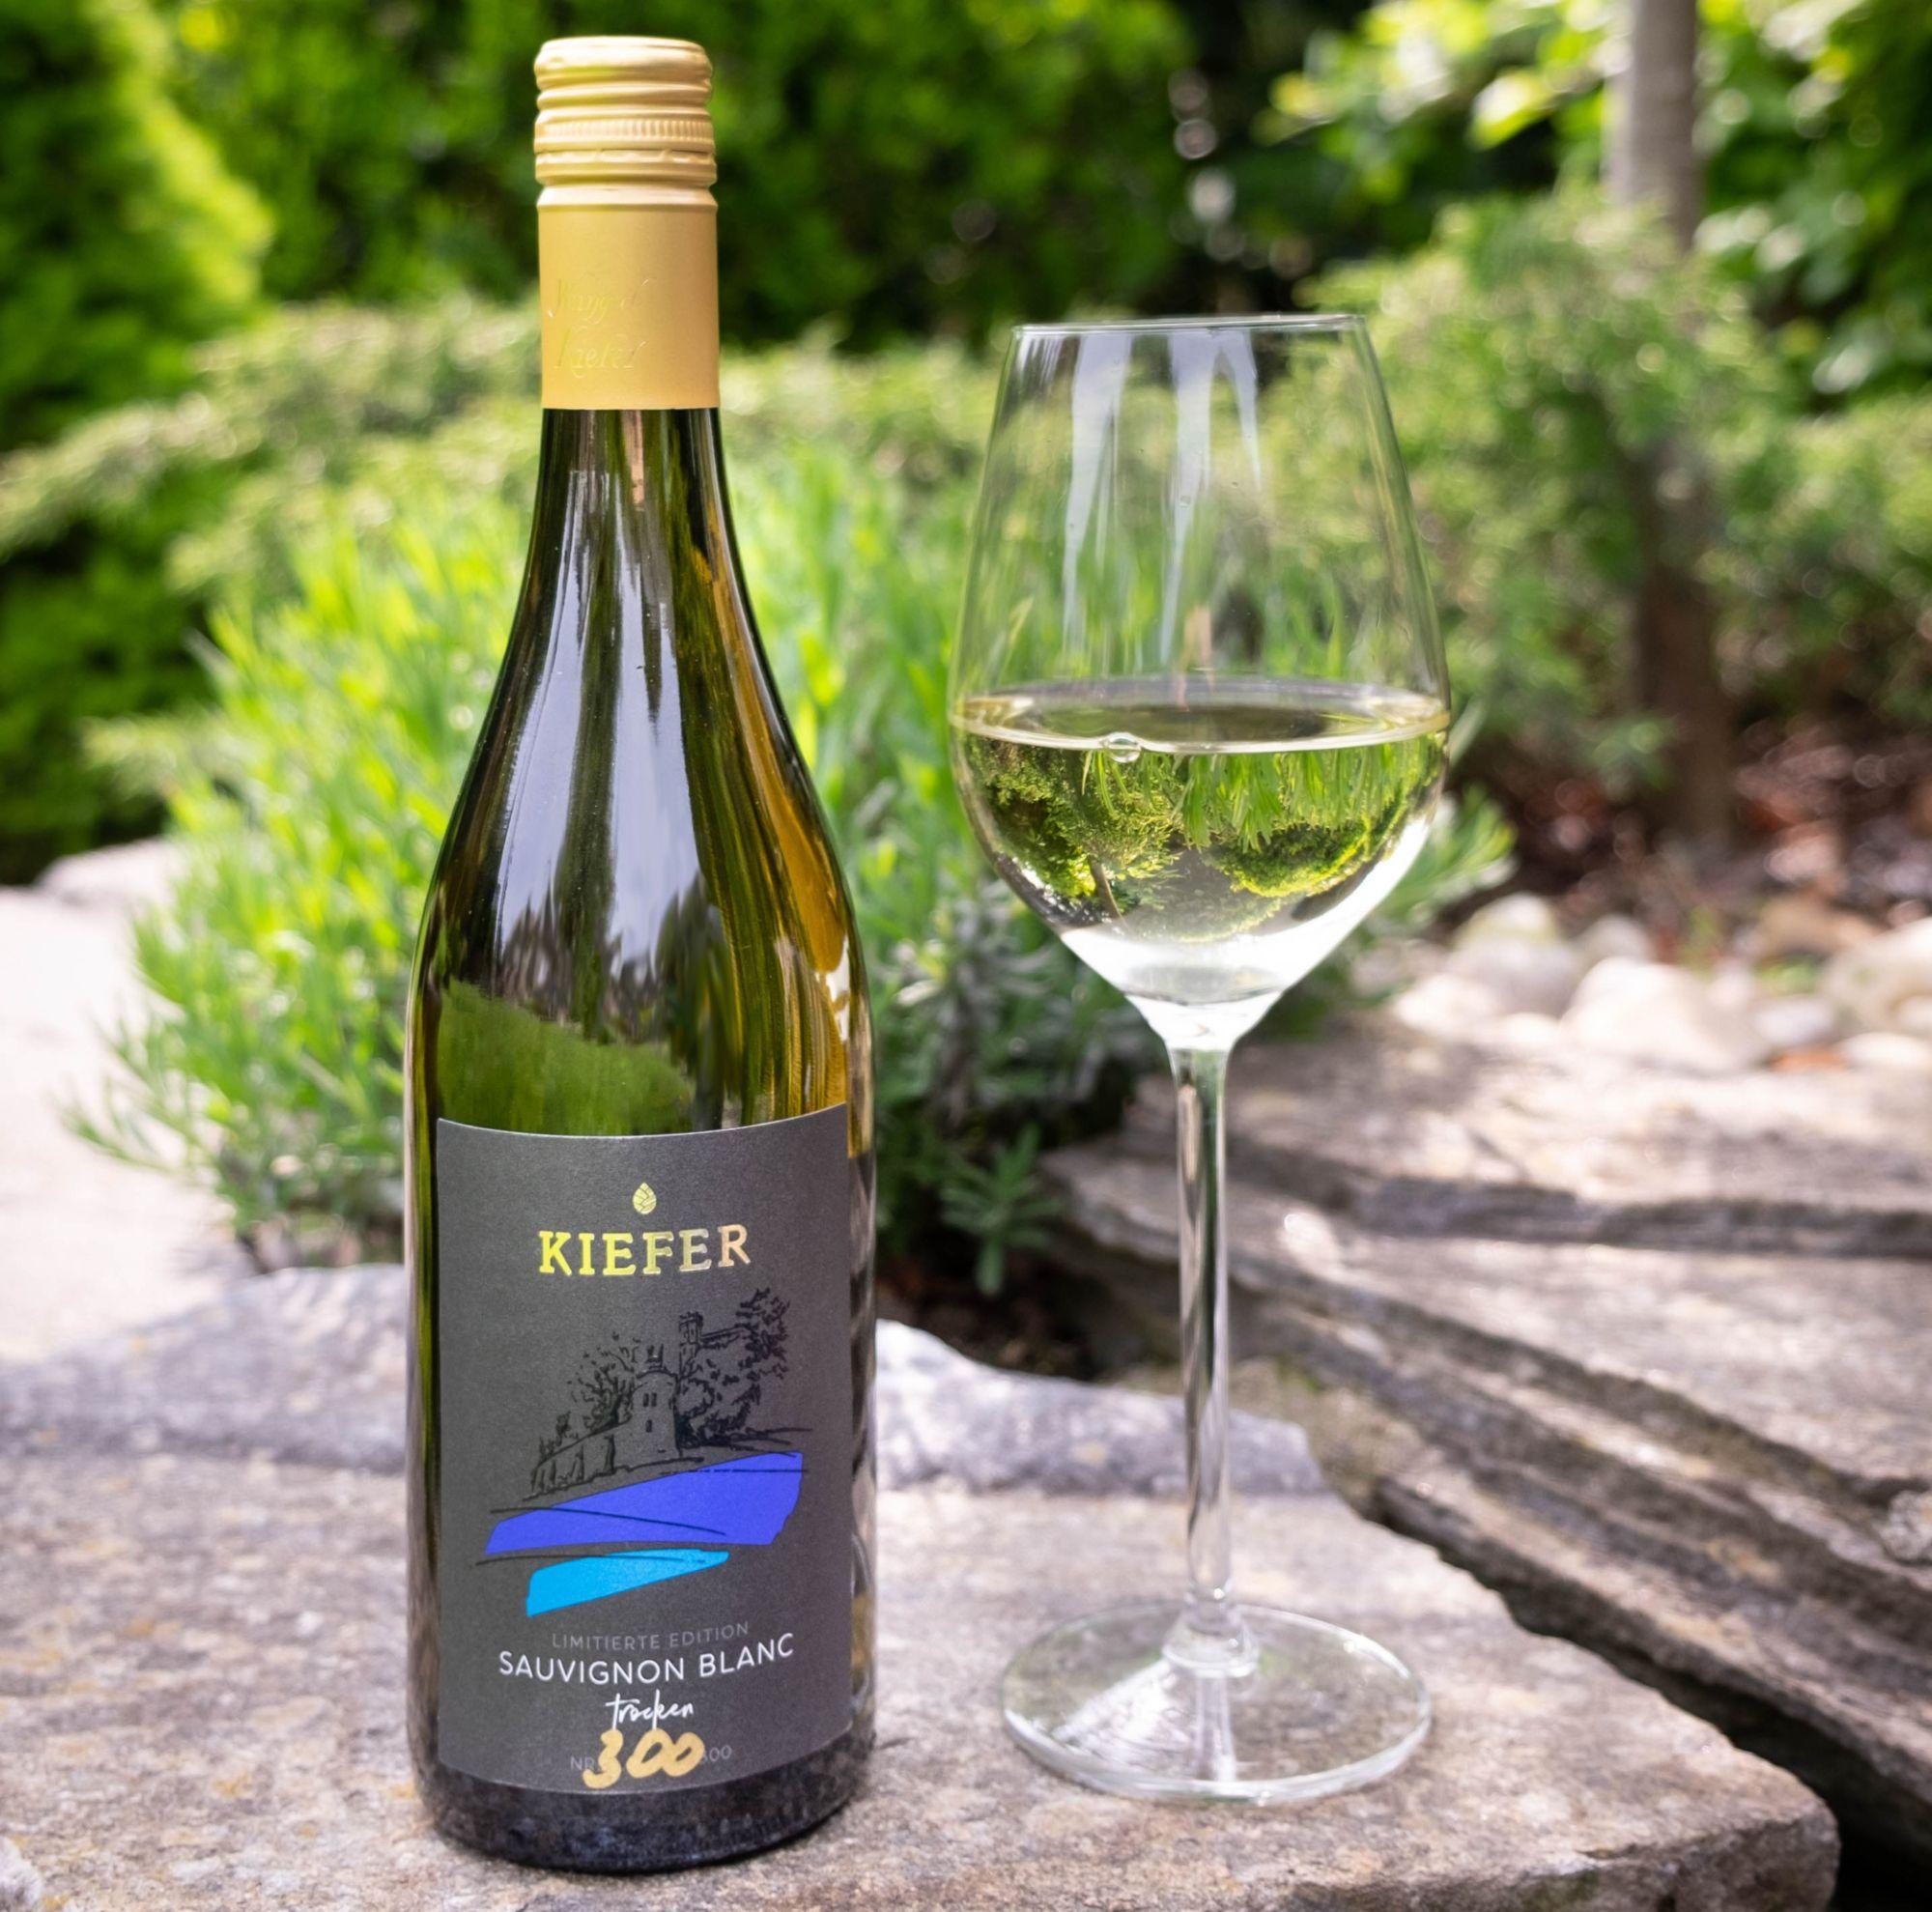 Weingut-Kiefer-Ortenberg-Wein-Erlesen-kaufen-Wein-Jahrgang- 2018 - Sauvignon blanc Spätlese - trocken